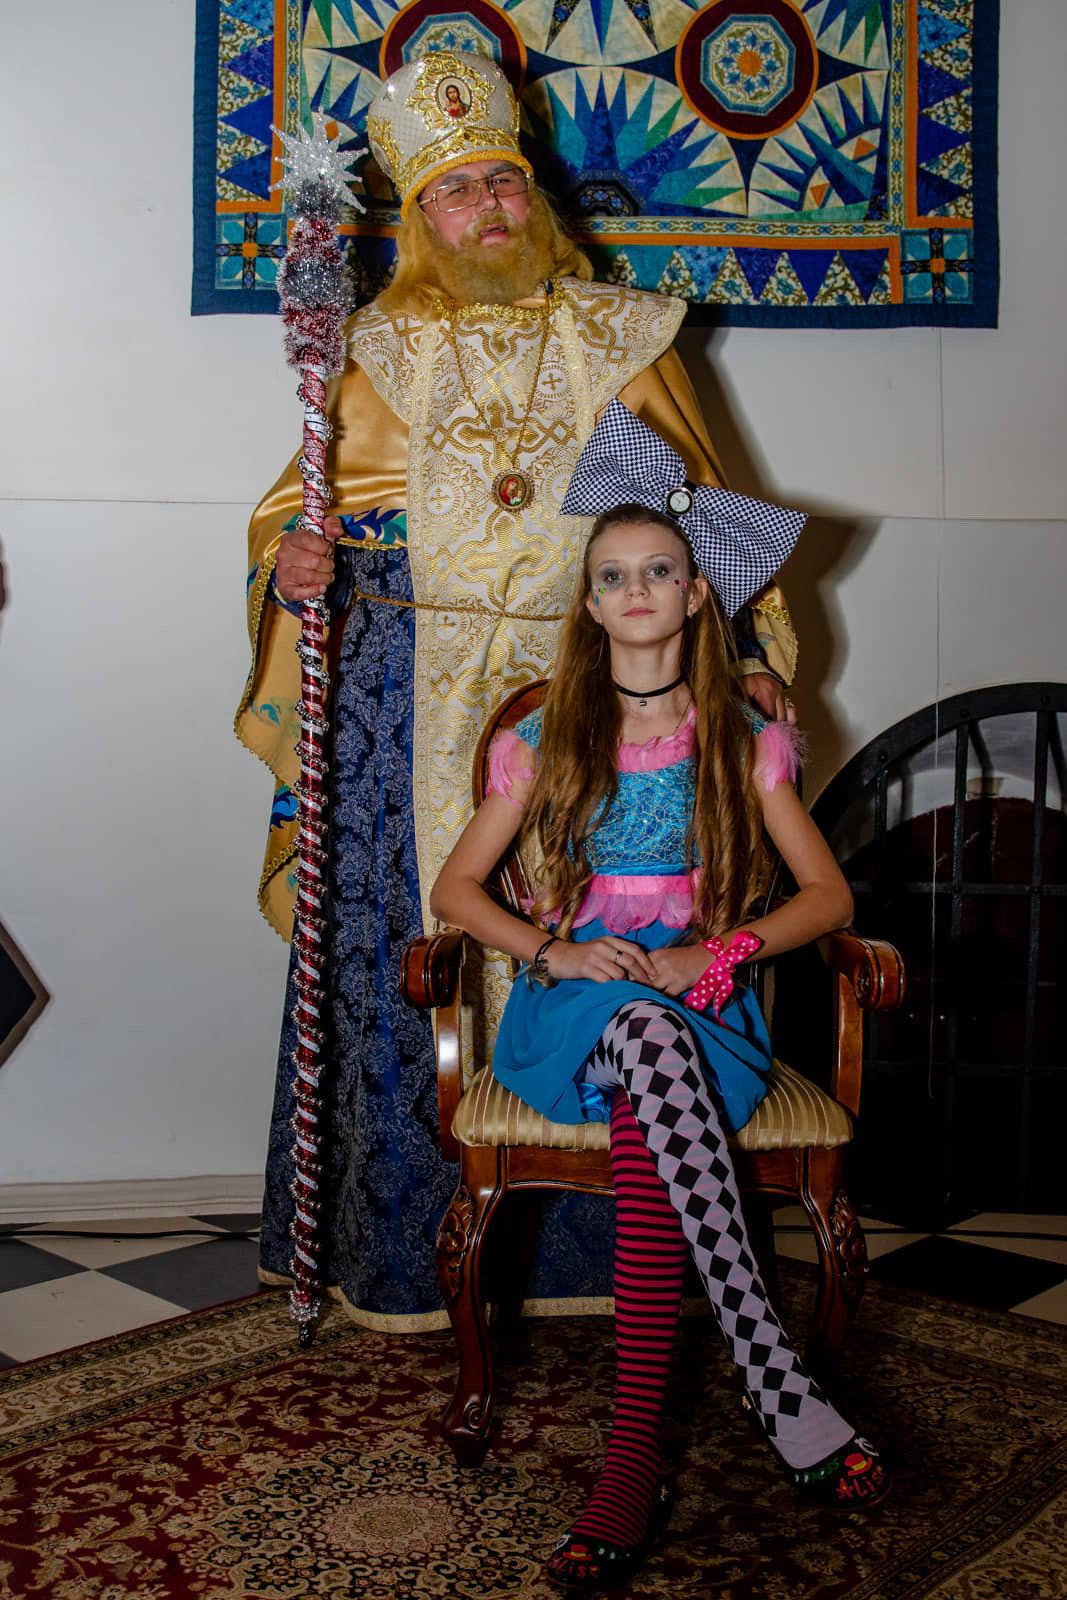 Юная дружковчанка представила собственную коллекцию одежды в резиденции Святого Николая (ФОТО), фото-5